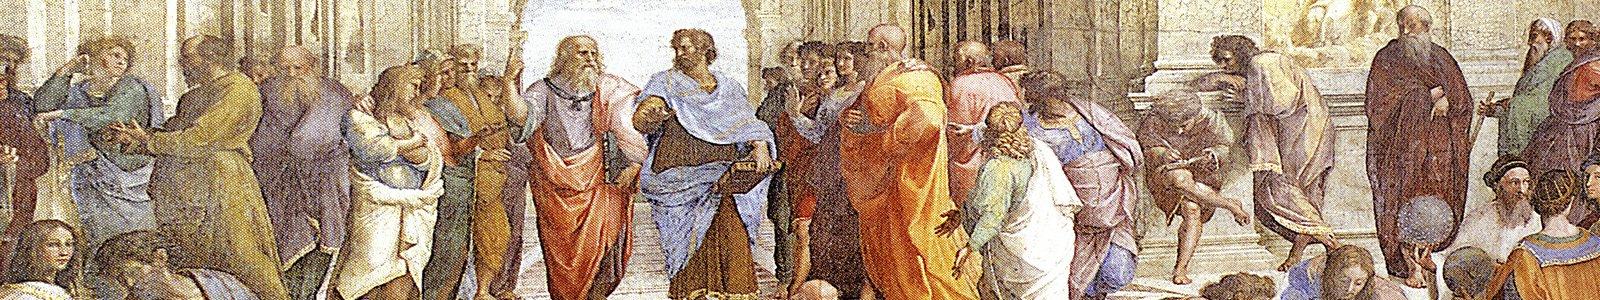 Plato spreekt mensen toe